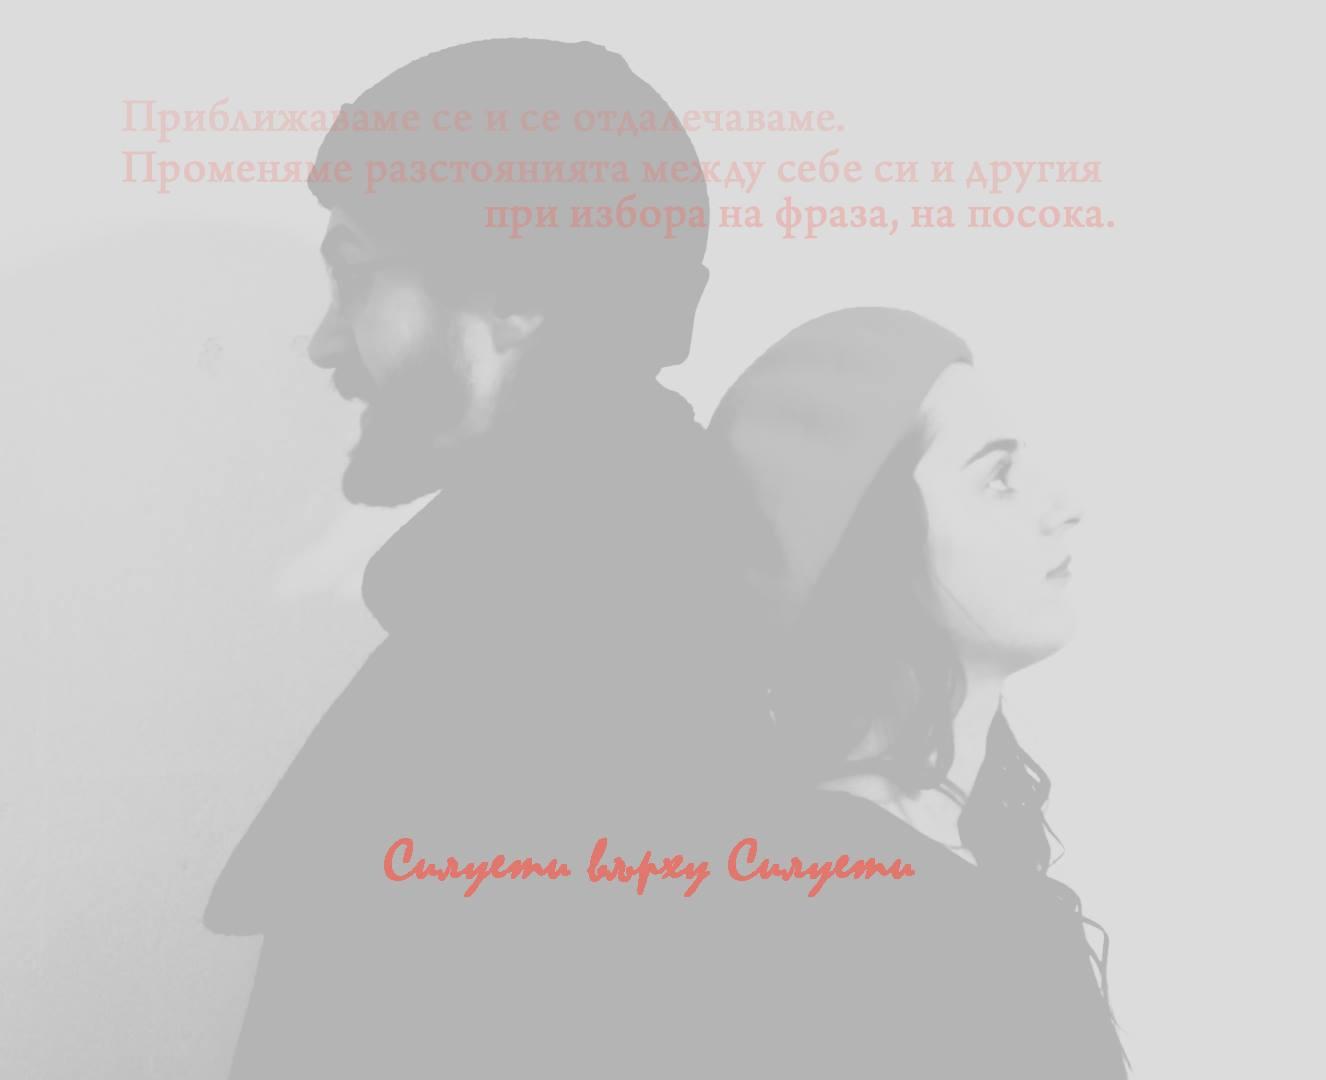 """Нели Кирилова и Александър Христов: """"Силуети върху силуети"""""""